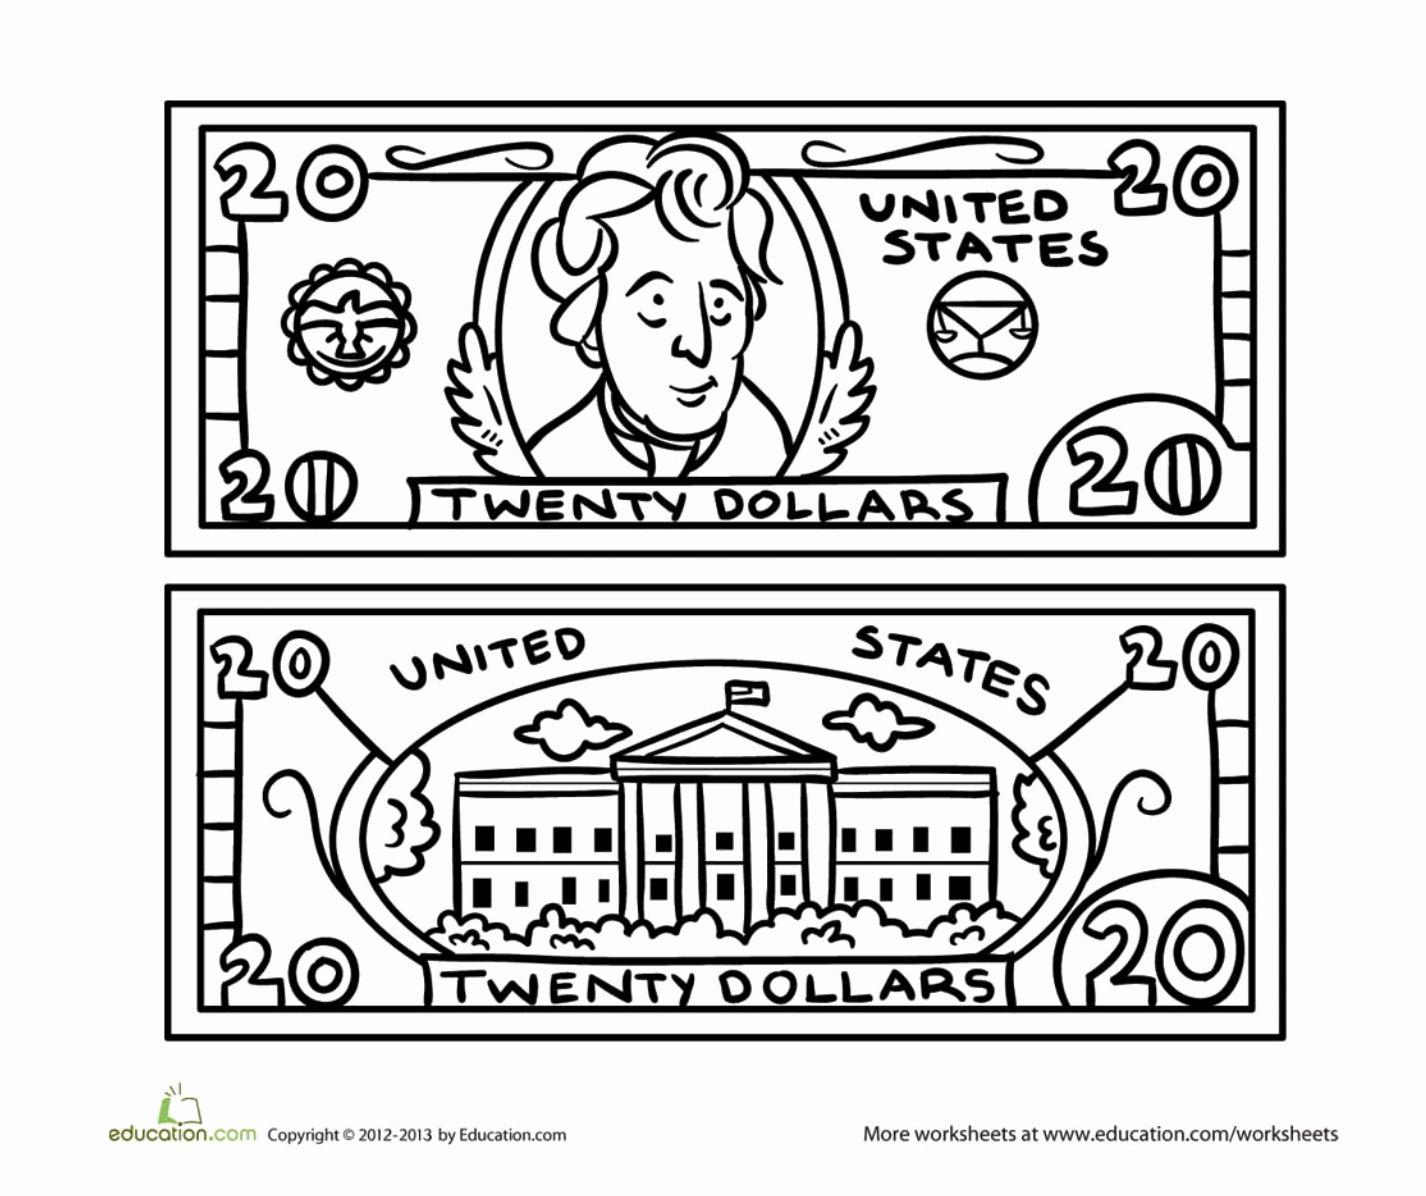 Dollar Bill Coloring Page Unique Twenty Dollar Bill